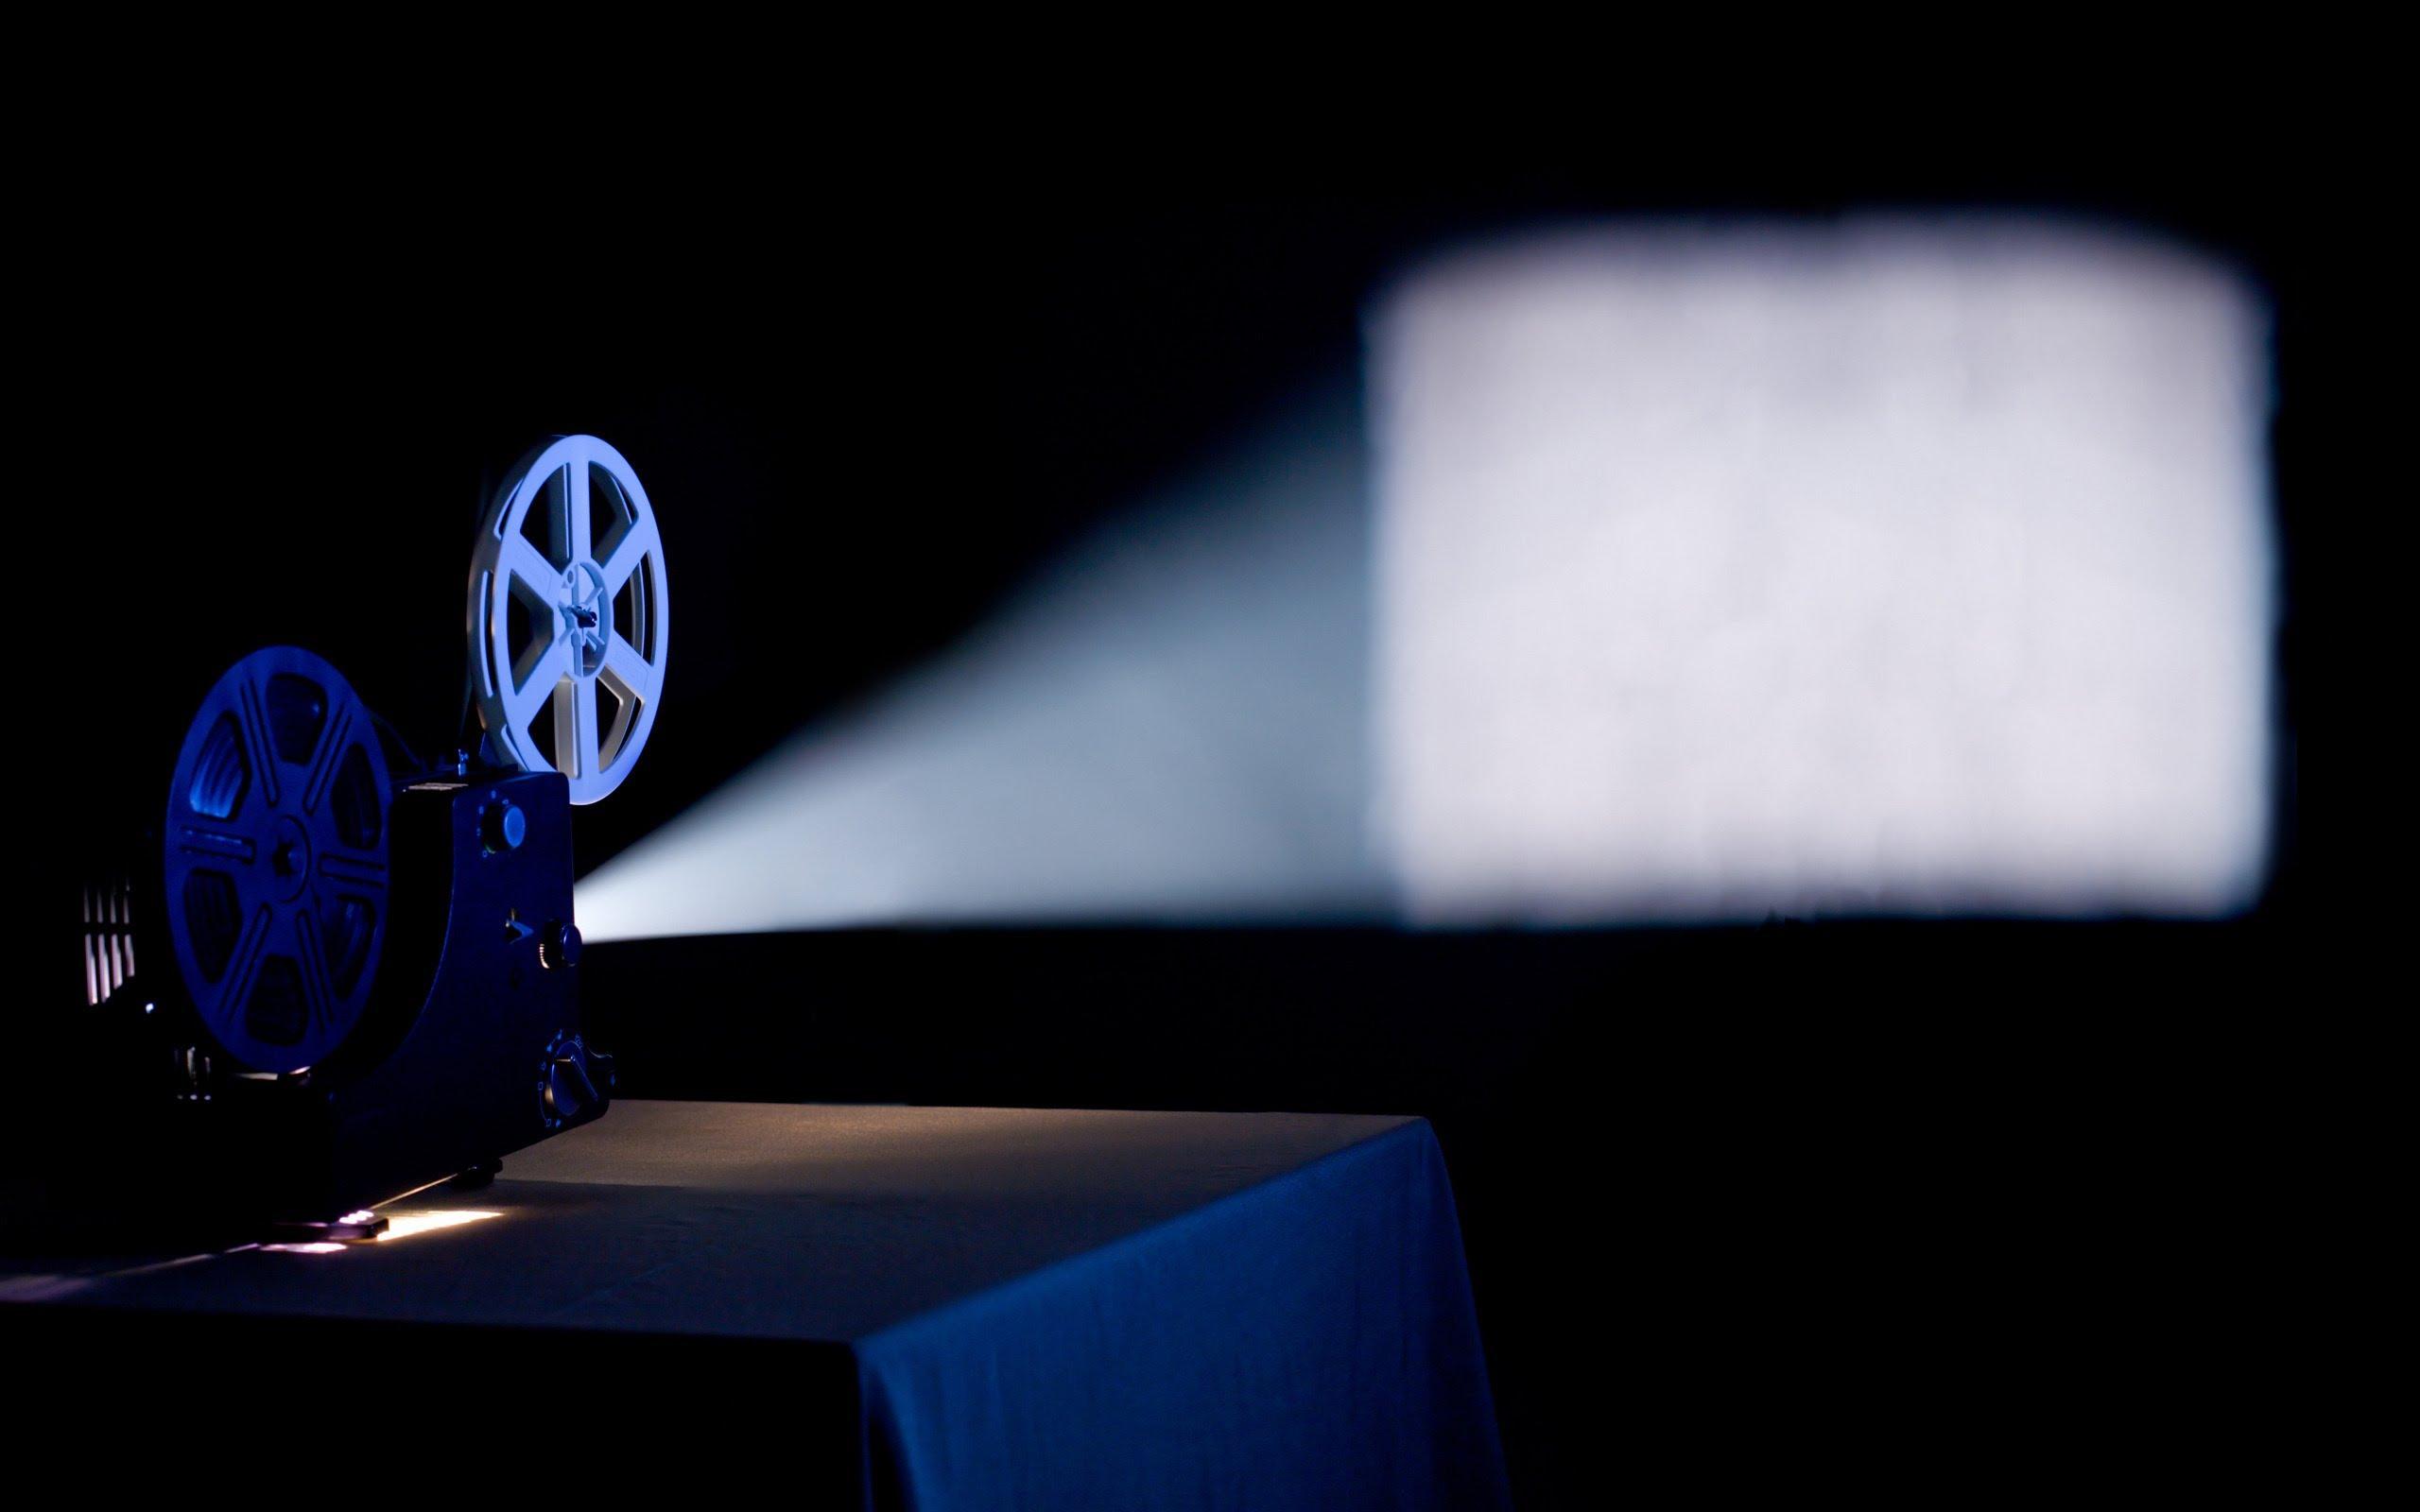 Фильм казахстанского режиссёра завоевал главный приз кинофестиваля в Оренбурге